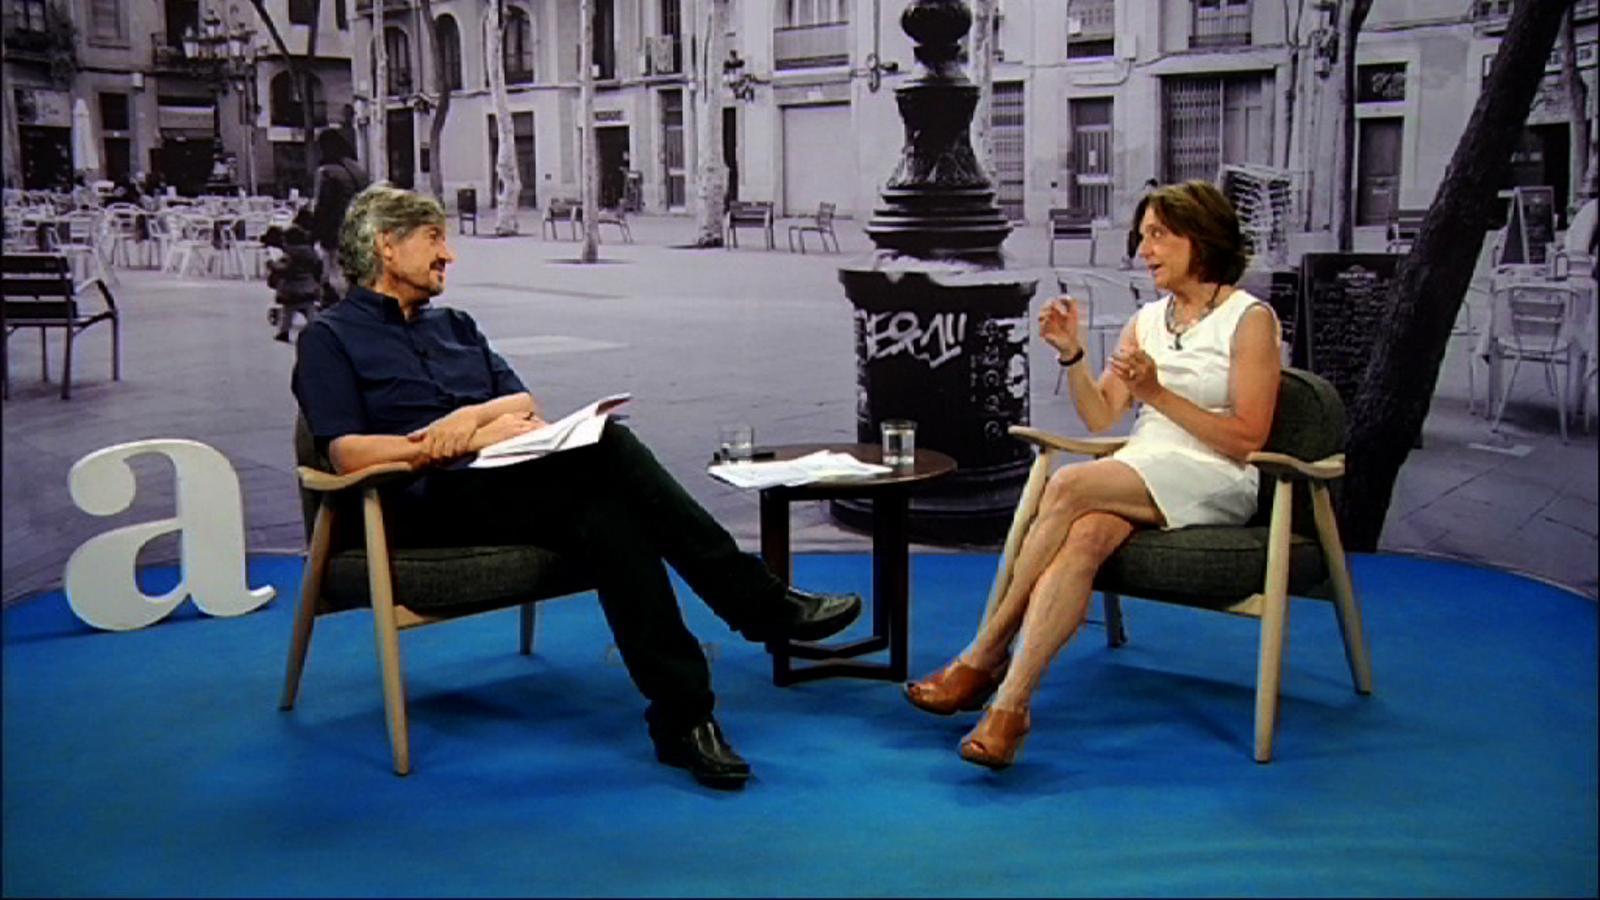 Entrevista de Carles Capdevila a Roser Salavert